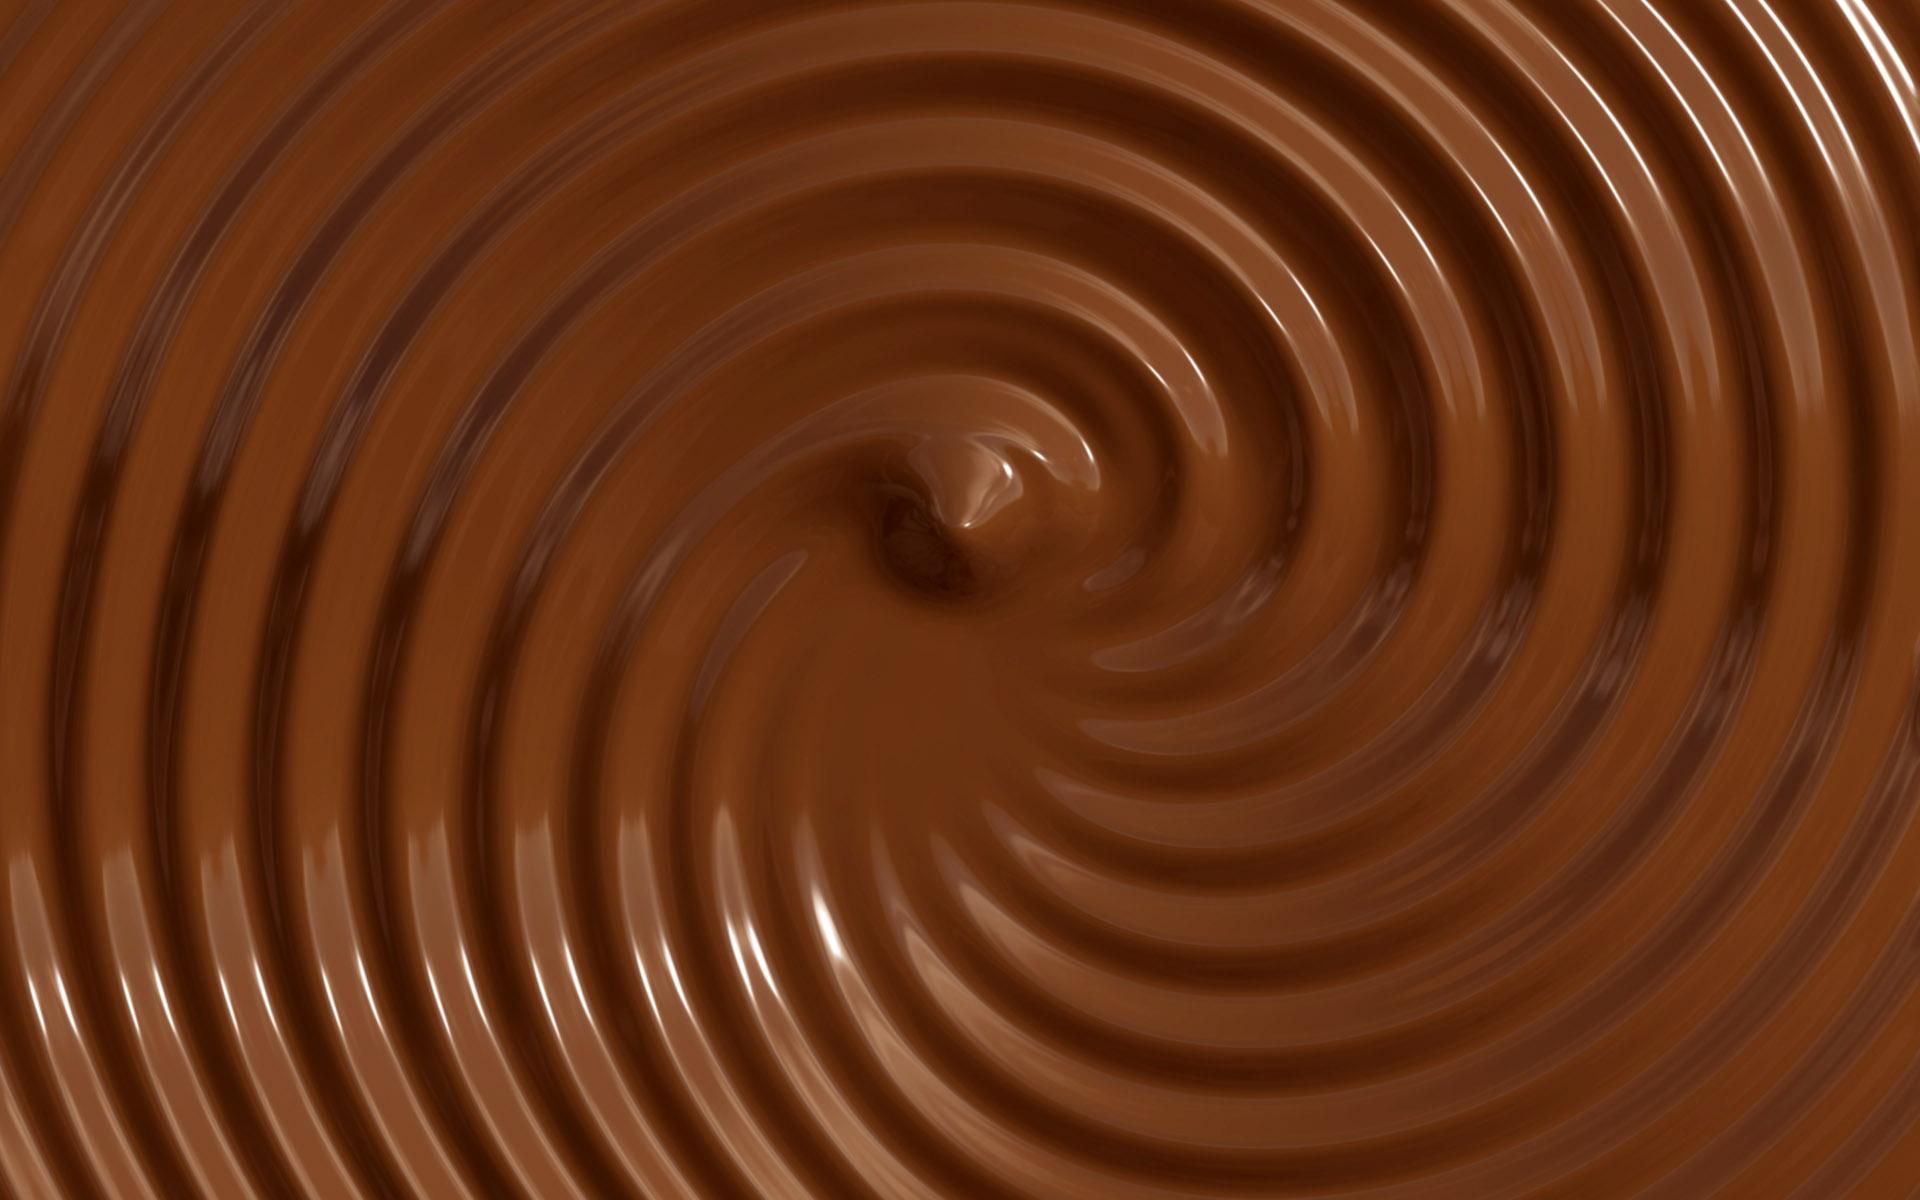 жидкий, горячий шоколад, hot chocolate, скачать фото, обои для рабочего стола